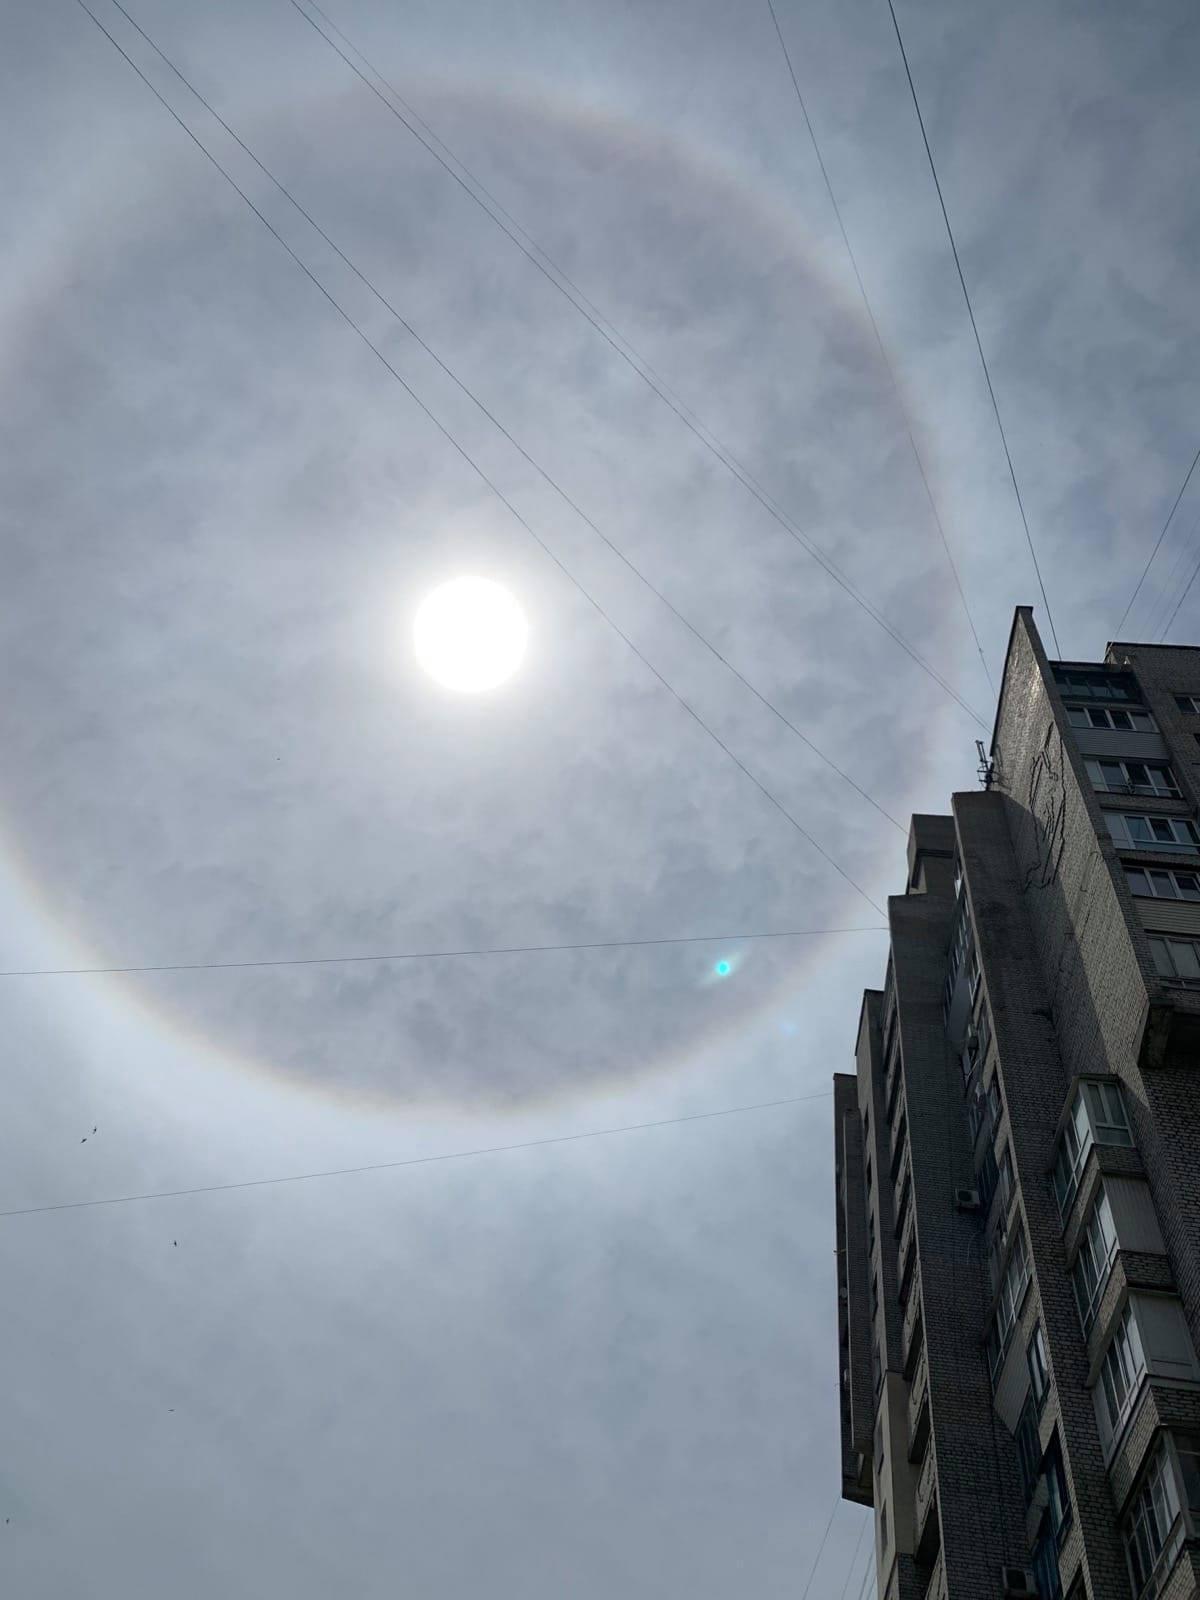 У Запоріжжі зняли рідкісне атмосферне явище / фото Олена Булгакова, Facebook